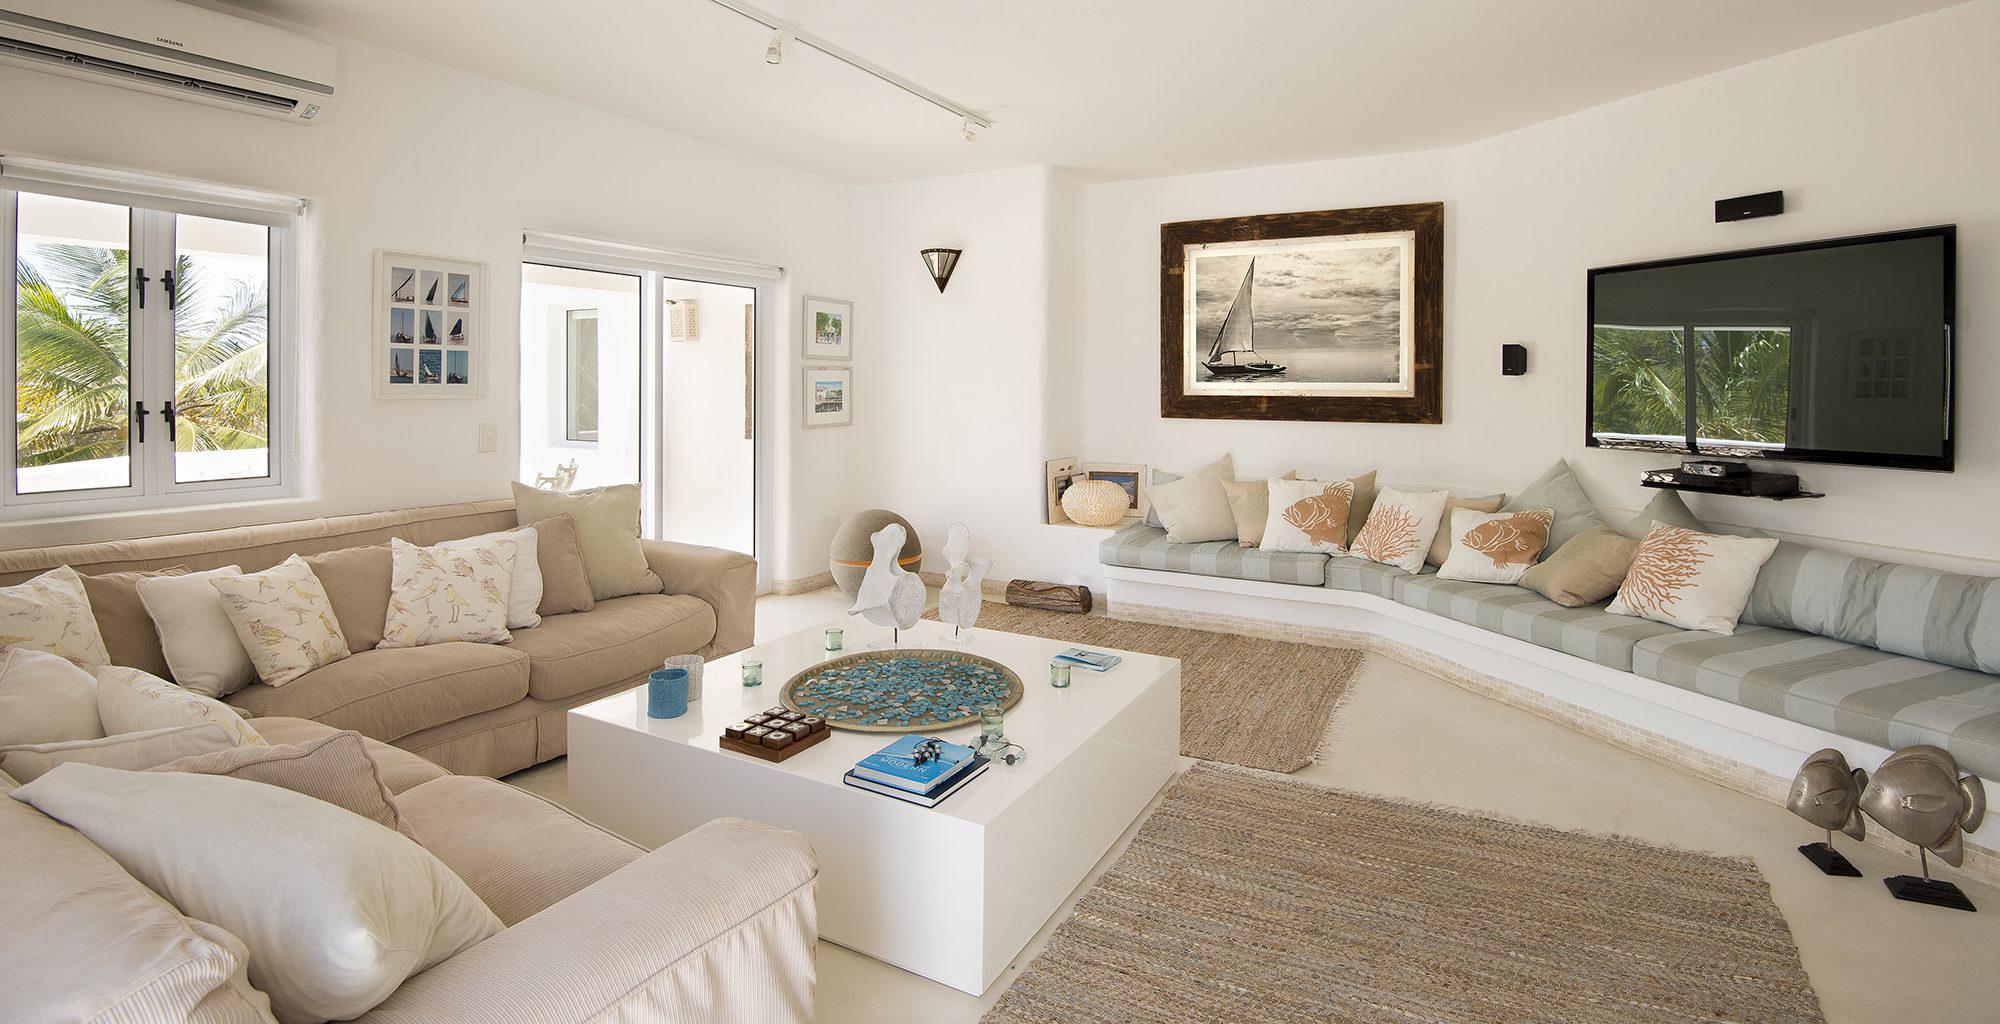 Mozambique-Santorini-Lounge